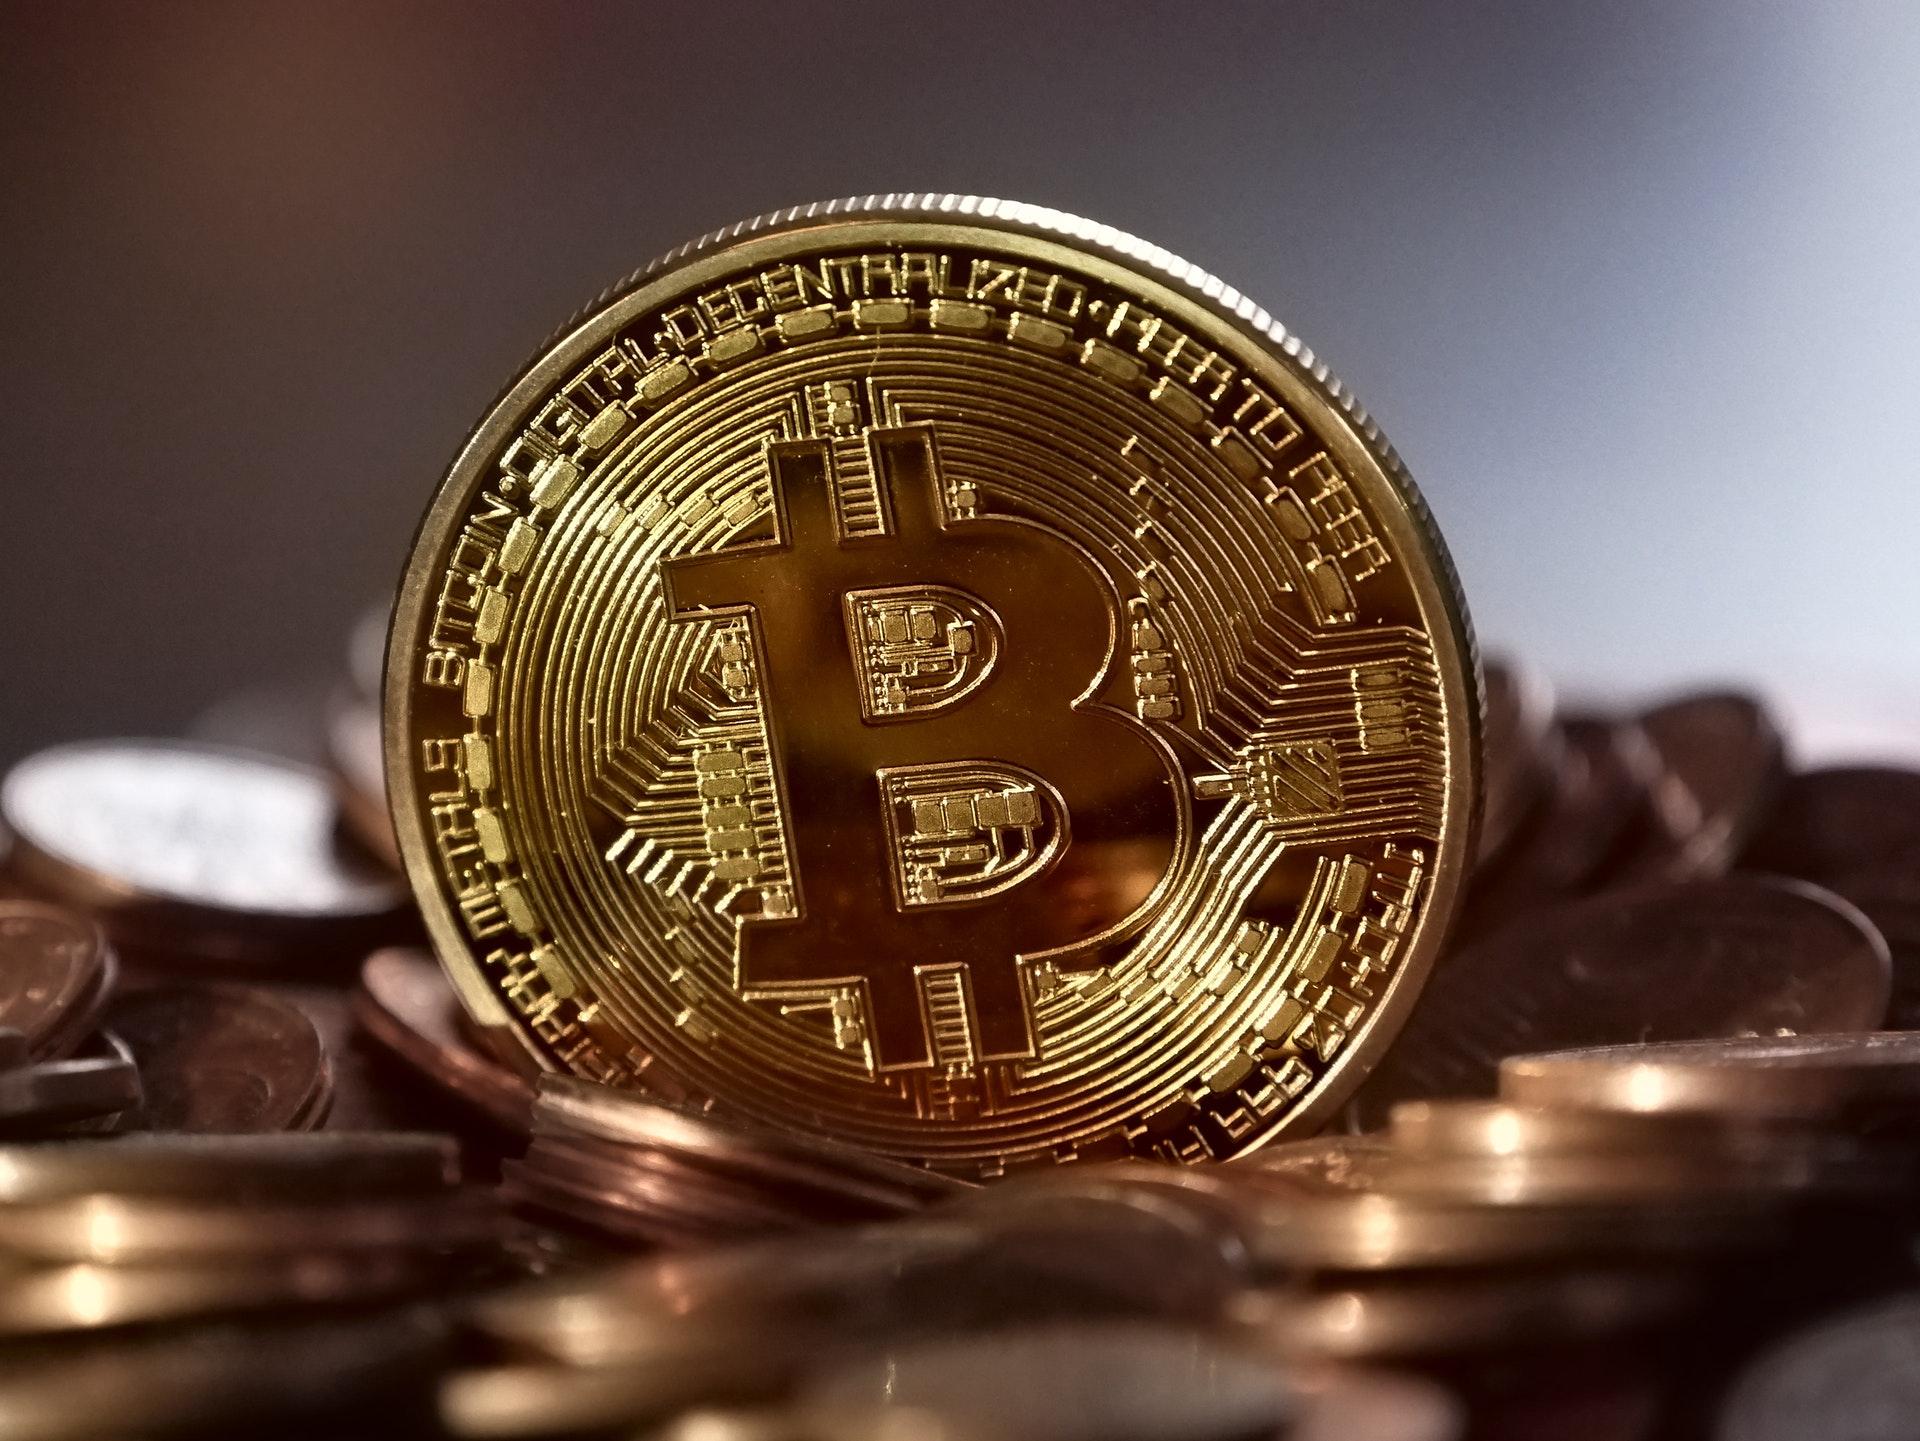 صورة لعملة البيتكوين الرقمية الافتراضية فوق مجموعة من العملات المعدنية